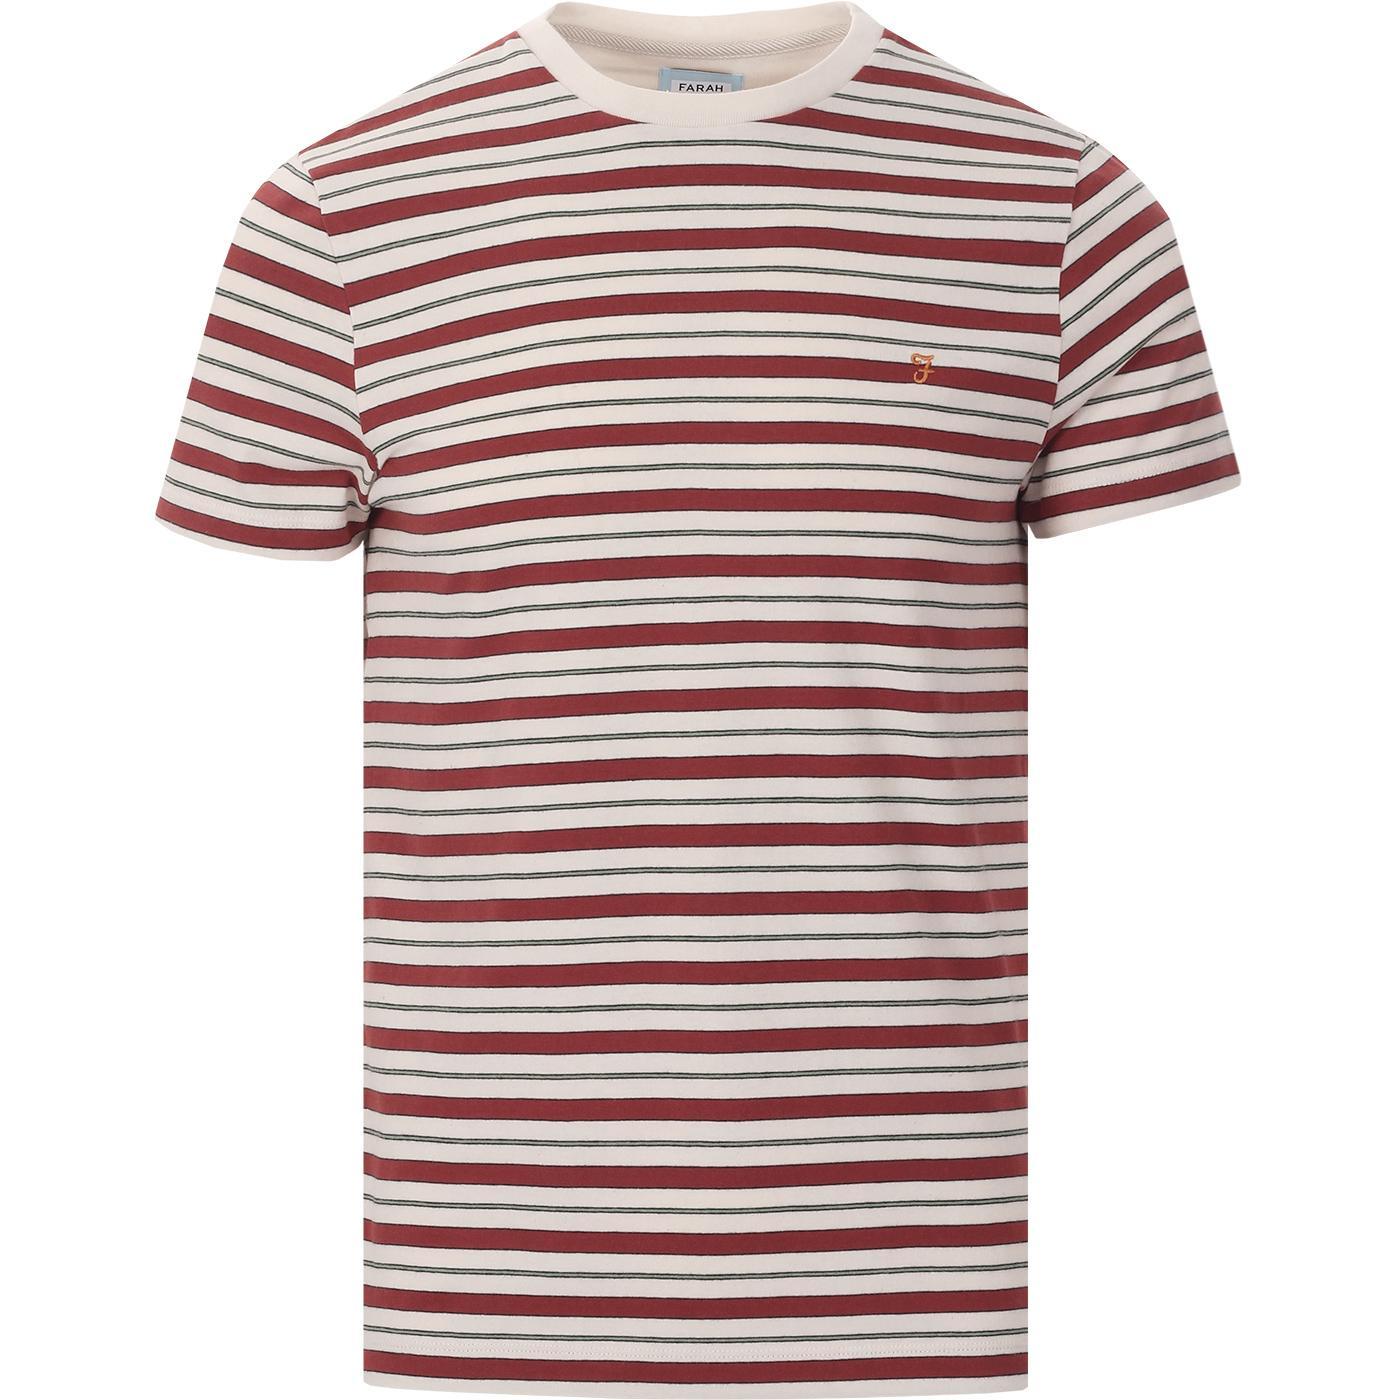 Mansour FARAH 100 Multi Stripe Retro T-shirt CREAM